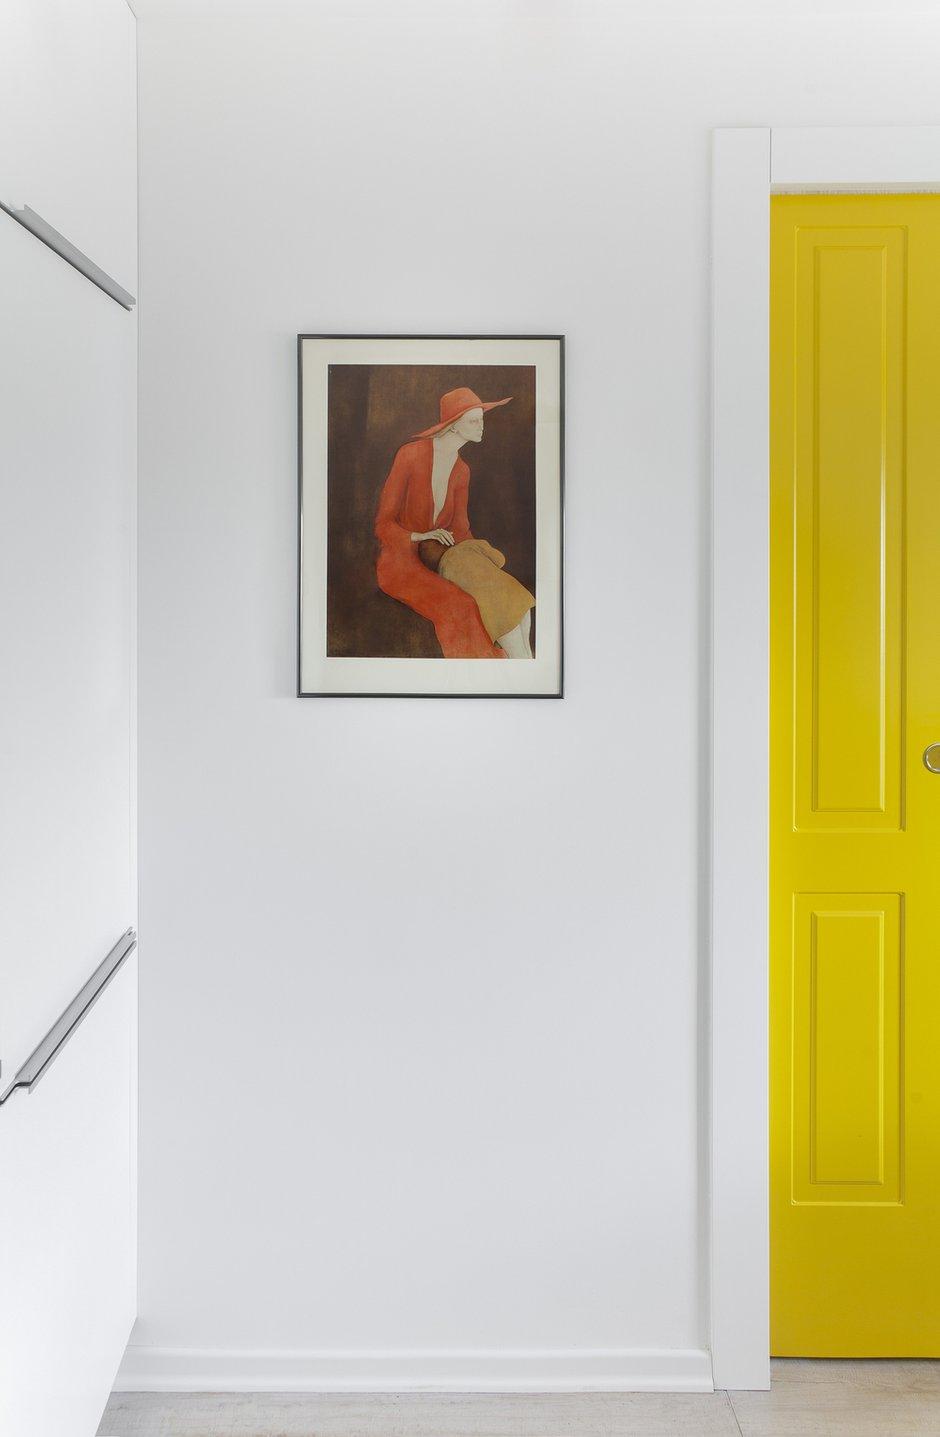 Фотография:  в стиле , Современный, Квартира, Россия, Проект недели, Москва, Надя Зотова – фото на INMYROOM